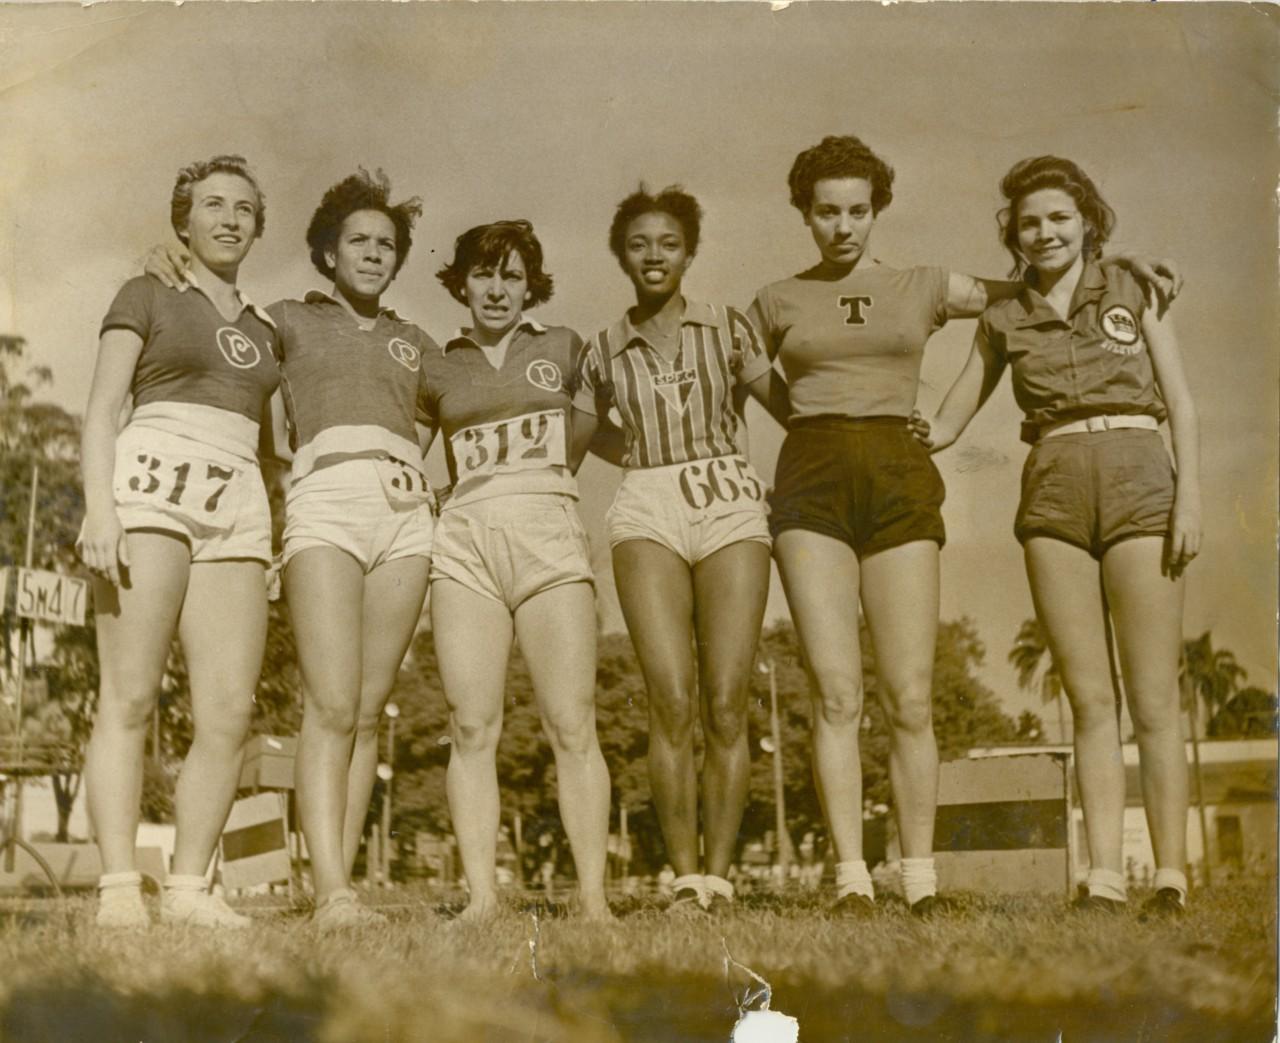 Luci, Dani, Benedita, Melânia, Marlene e Georgina: atletas da elite paulistana na década de 1940 - Acervo SPFC